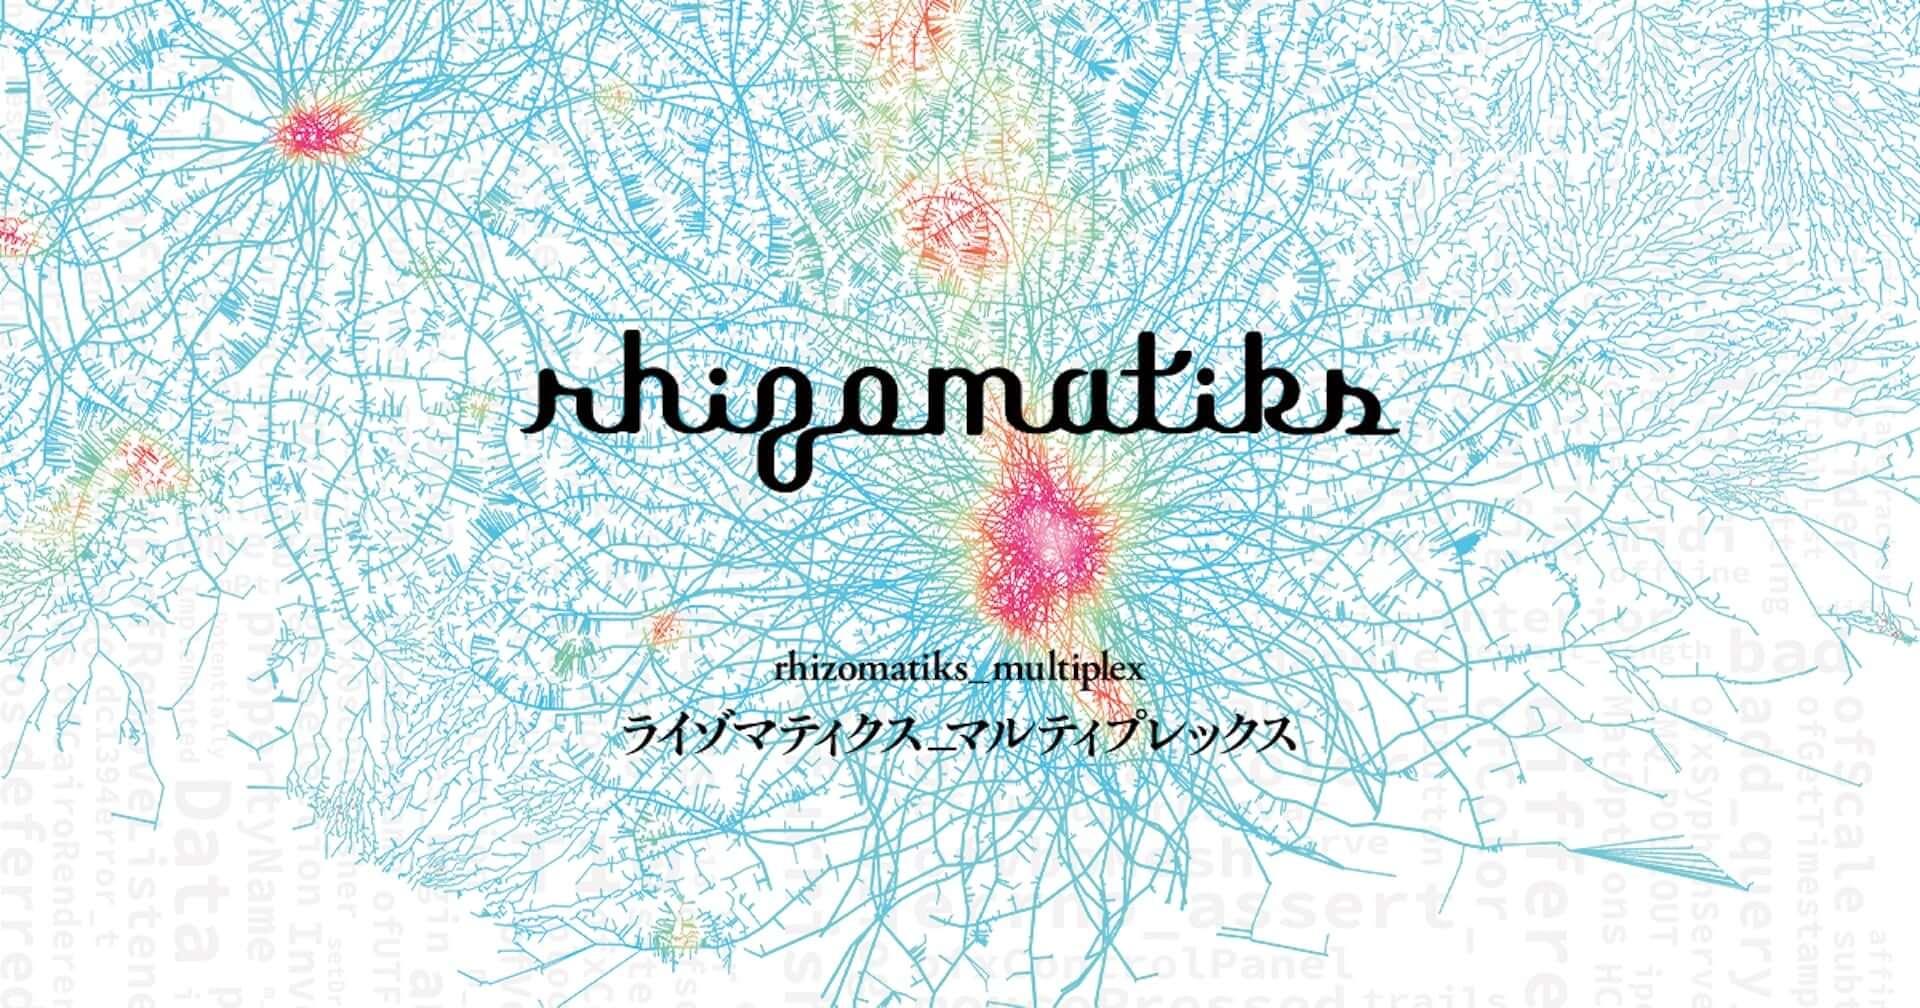 ライゾマティクス初の大規模個展<ライゾマティクス_マルティプレックス>が東京都現代美術館で明日開幕!新作インスタレーションなど多数展示 art210319_rhizomatiks_1-1920x1008